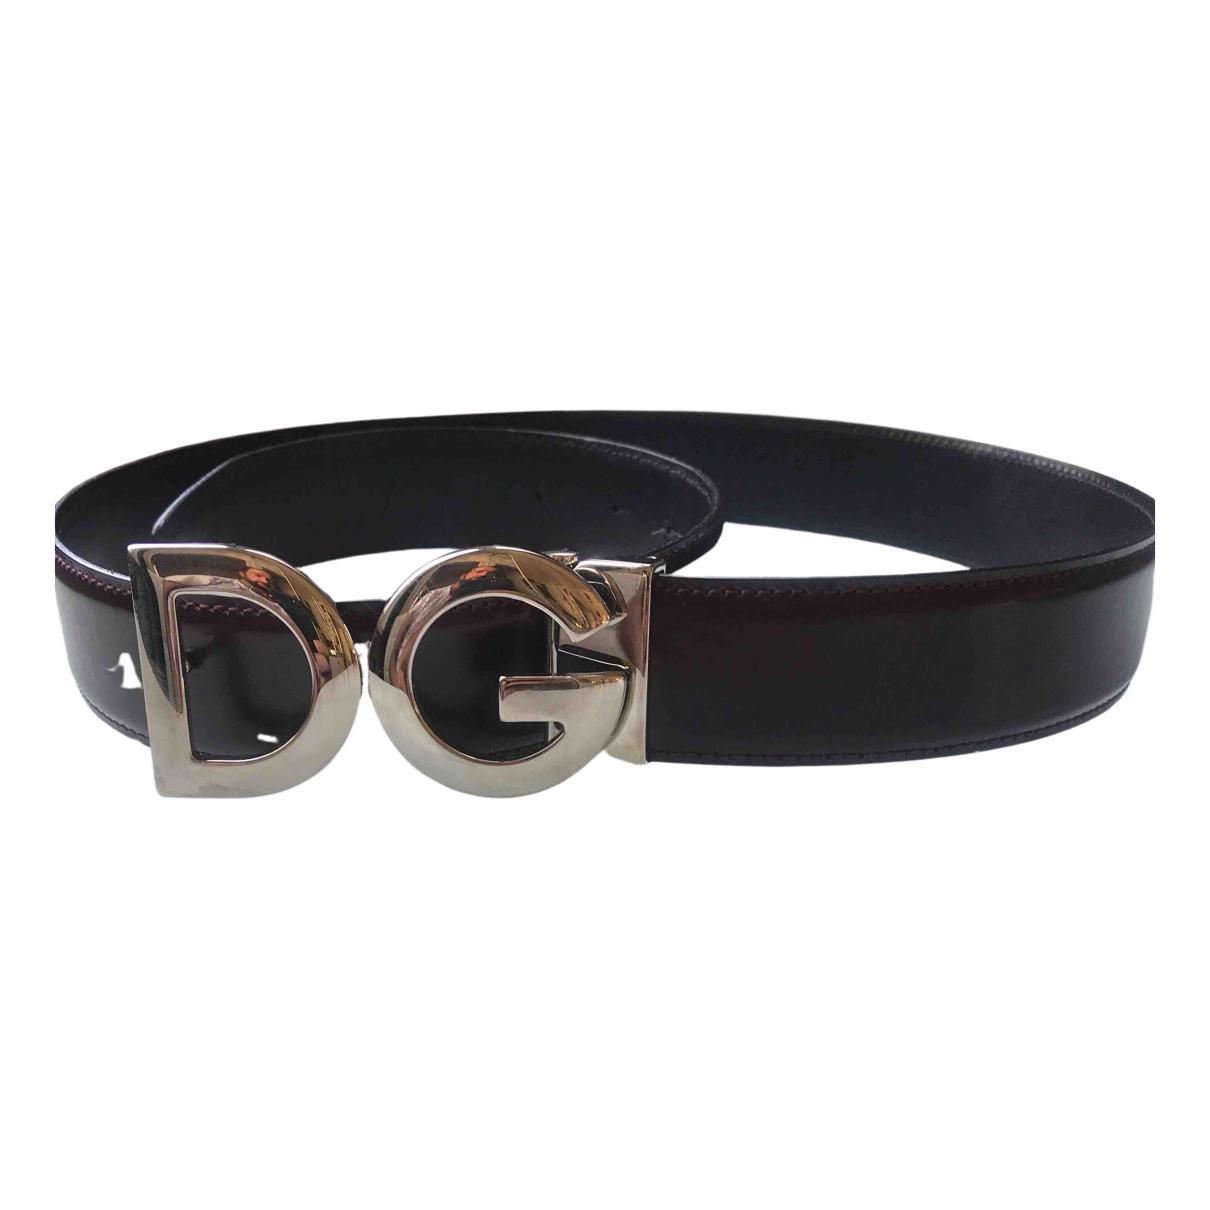 Dolce & Gabbana \N Black Leather belt for Men 95 cm